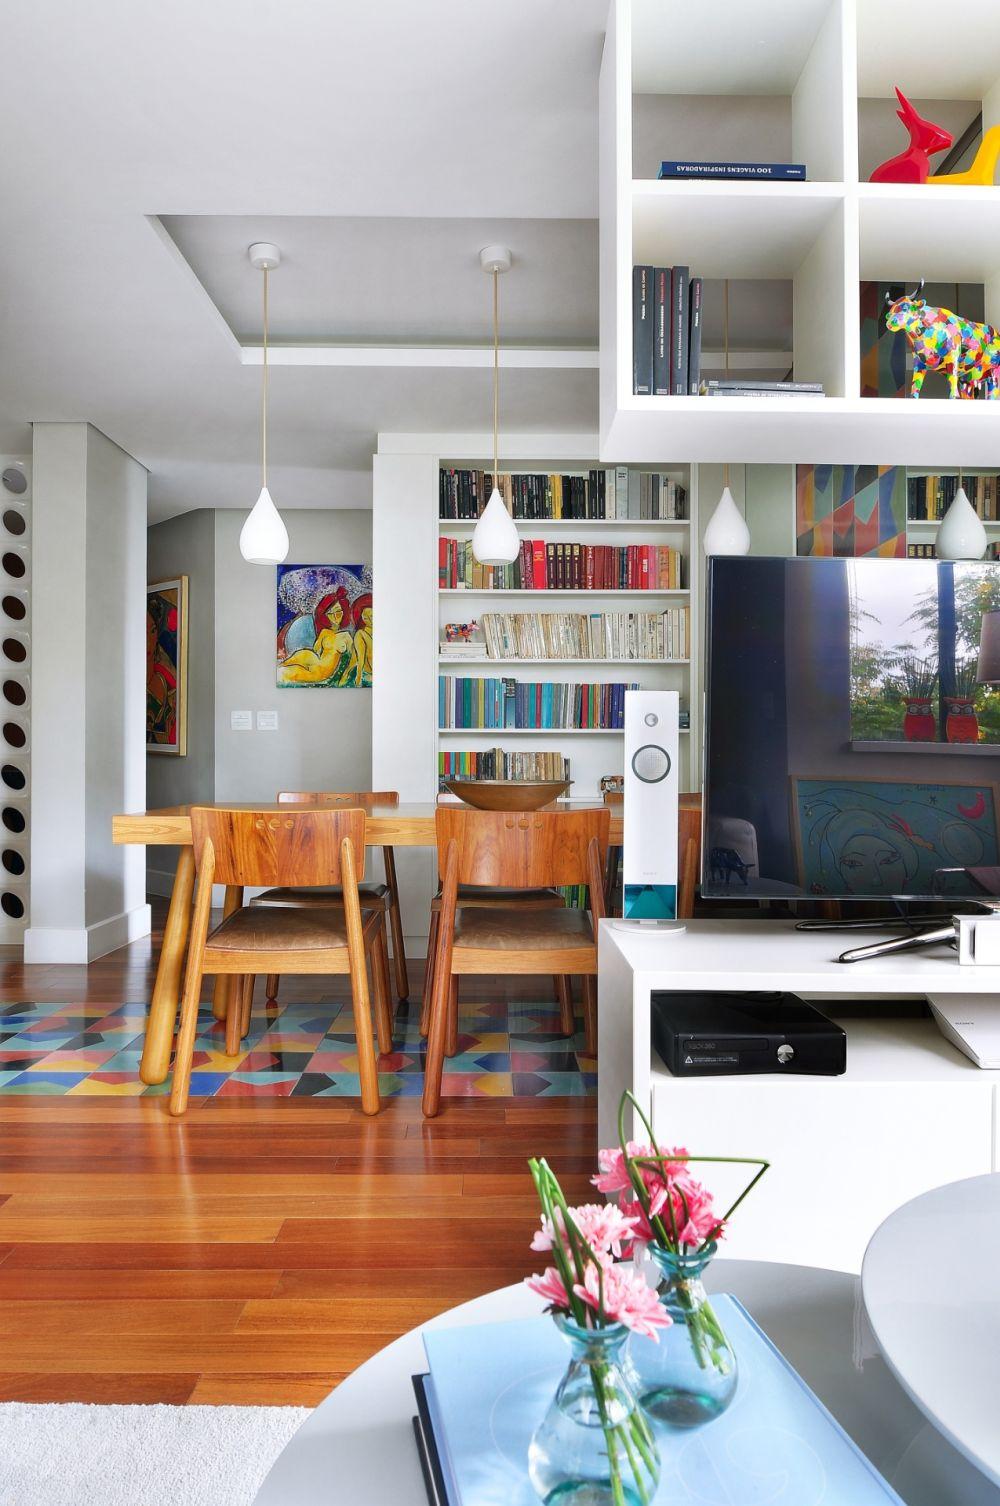 adelaparvu-com-despre-apartament-100-mp-cu-loc-pentru-carti-arh-ana-yoshida-foto-sidnei-doll-15